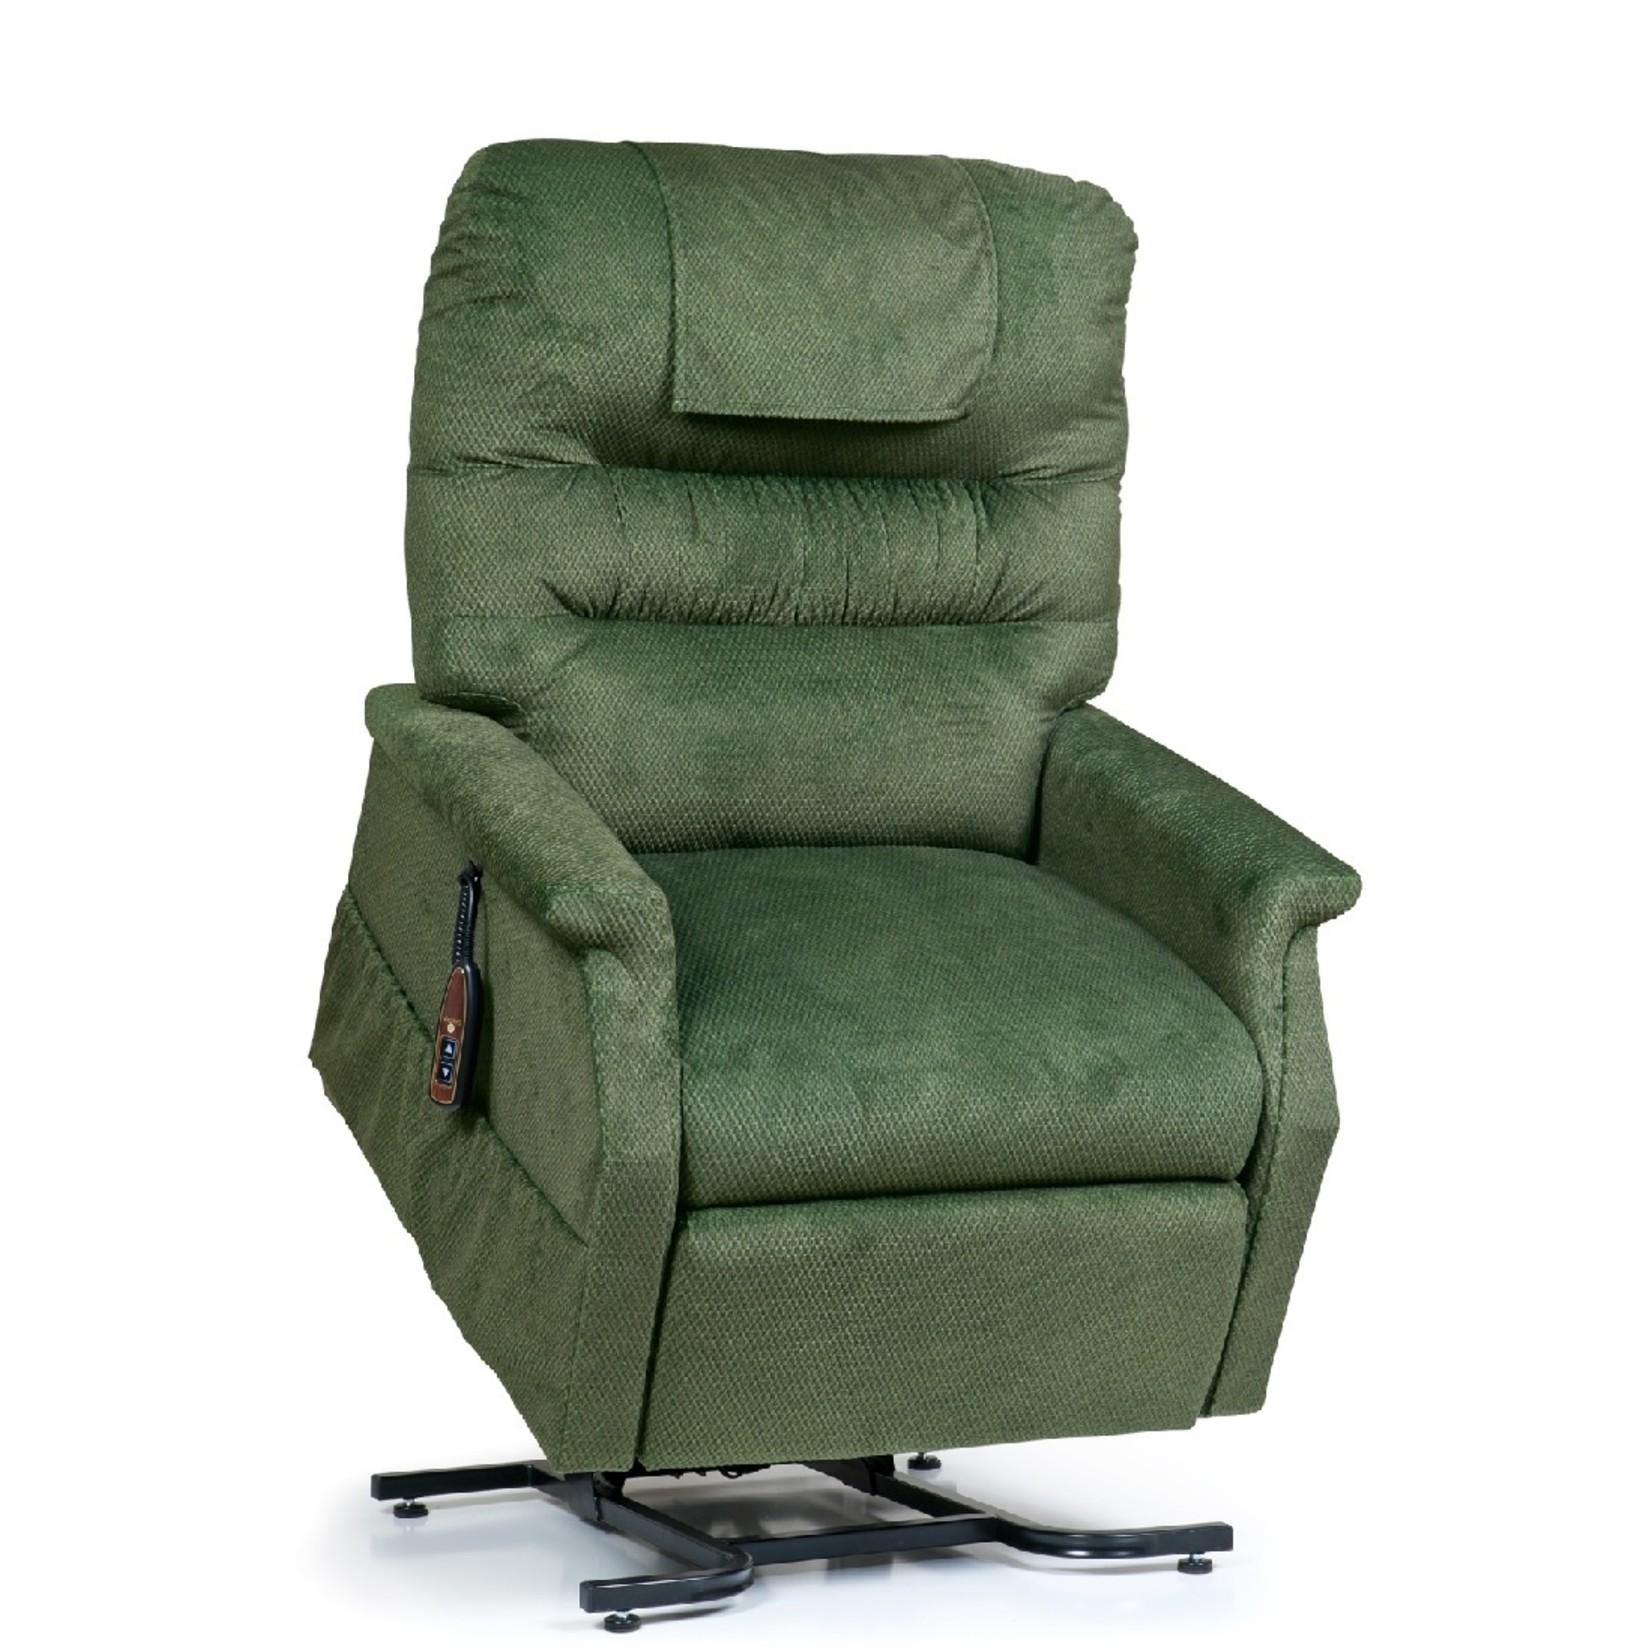 Golden Technologies Monarch Recliner Chair